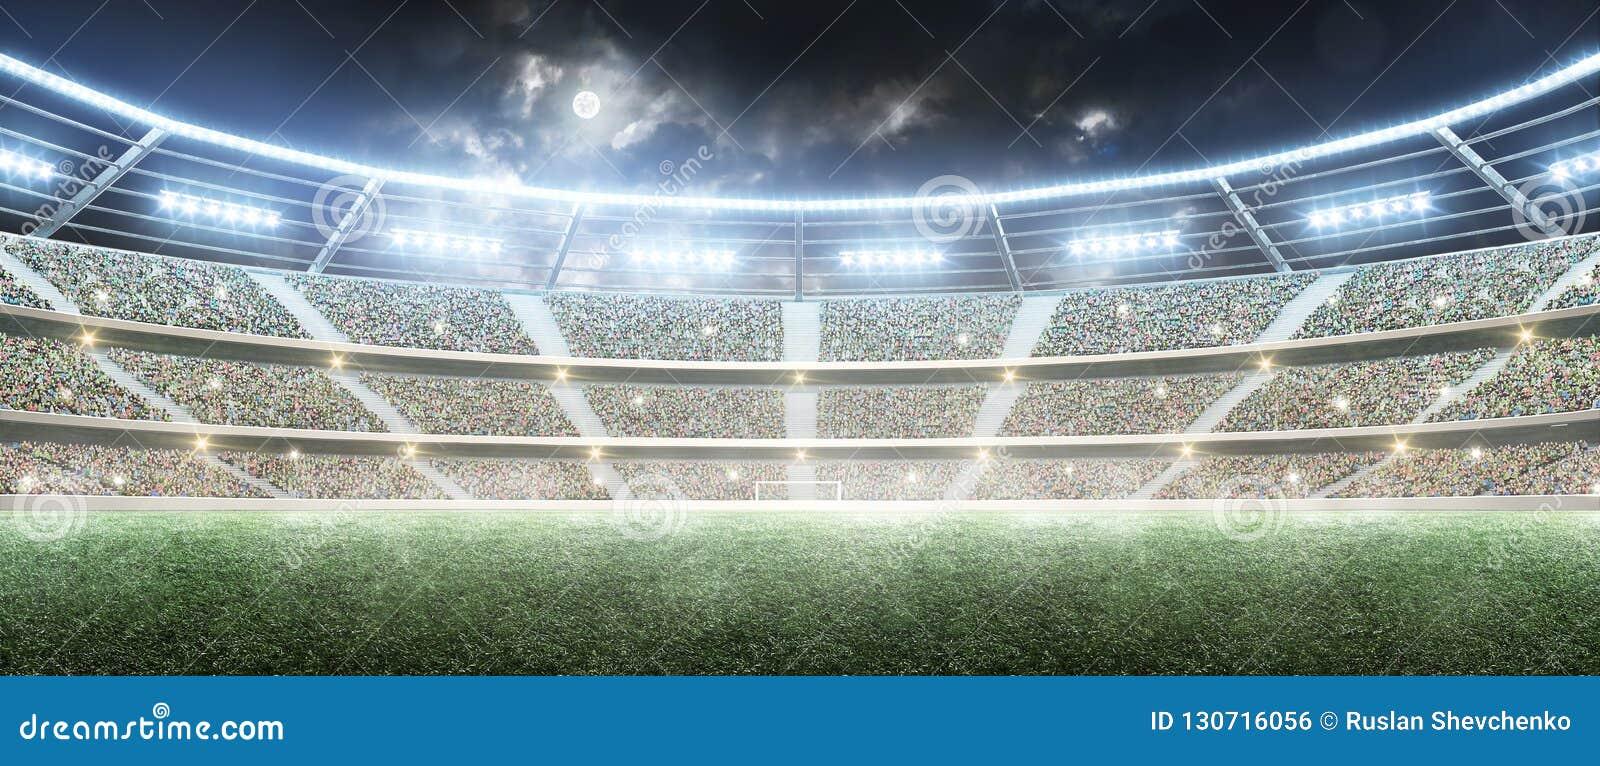 Calcio stadium Arena di sport professionale Stadio di notte sotto la luna con le luci Panorama